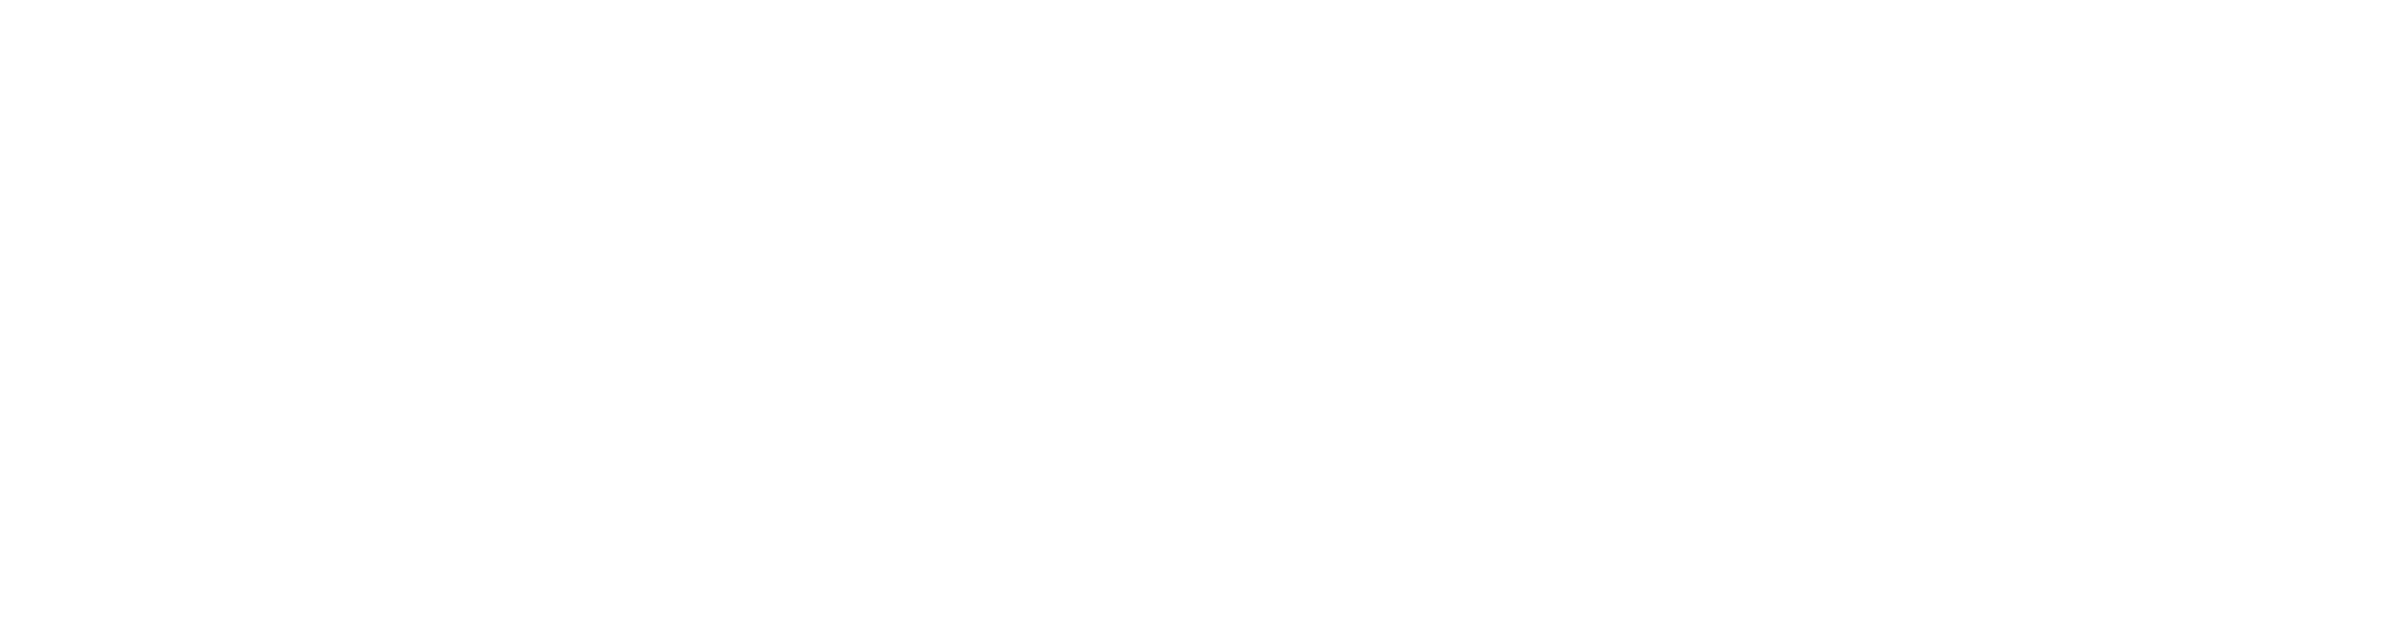 CHAMP_2020_white-horizontal-icon-text